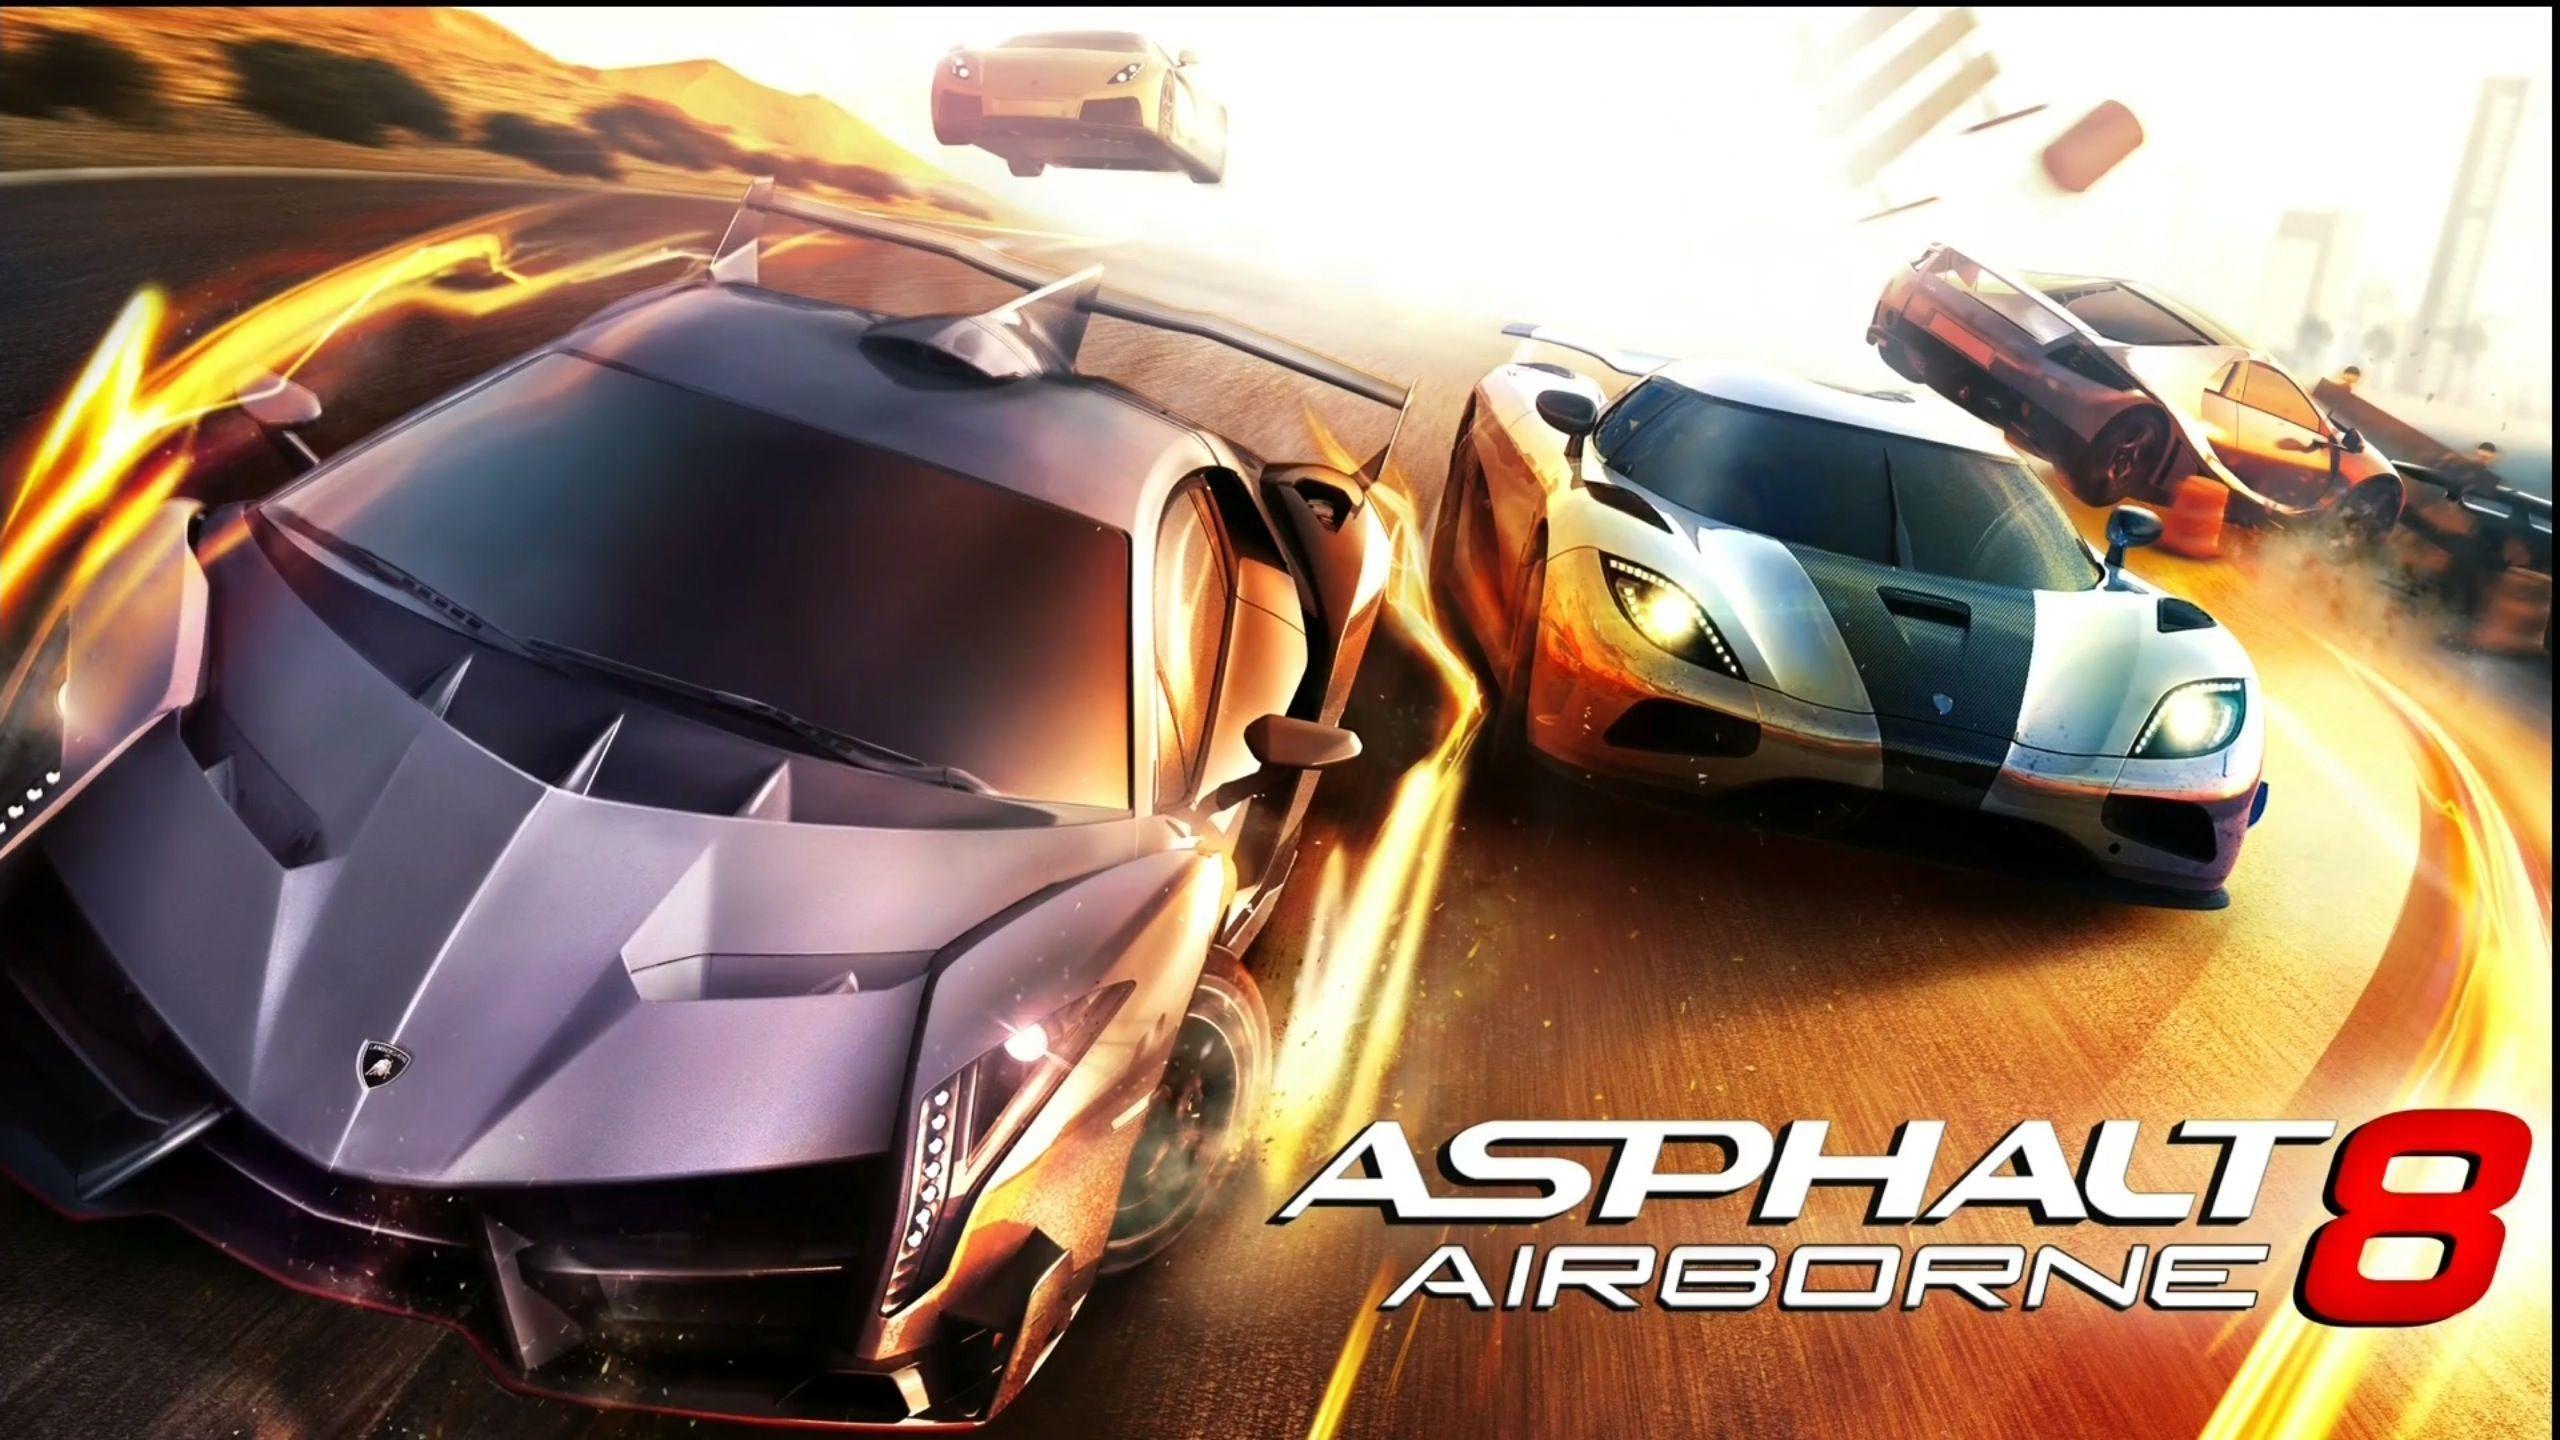 Asphalt 8 Airborne Wallpapers 92 Images